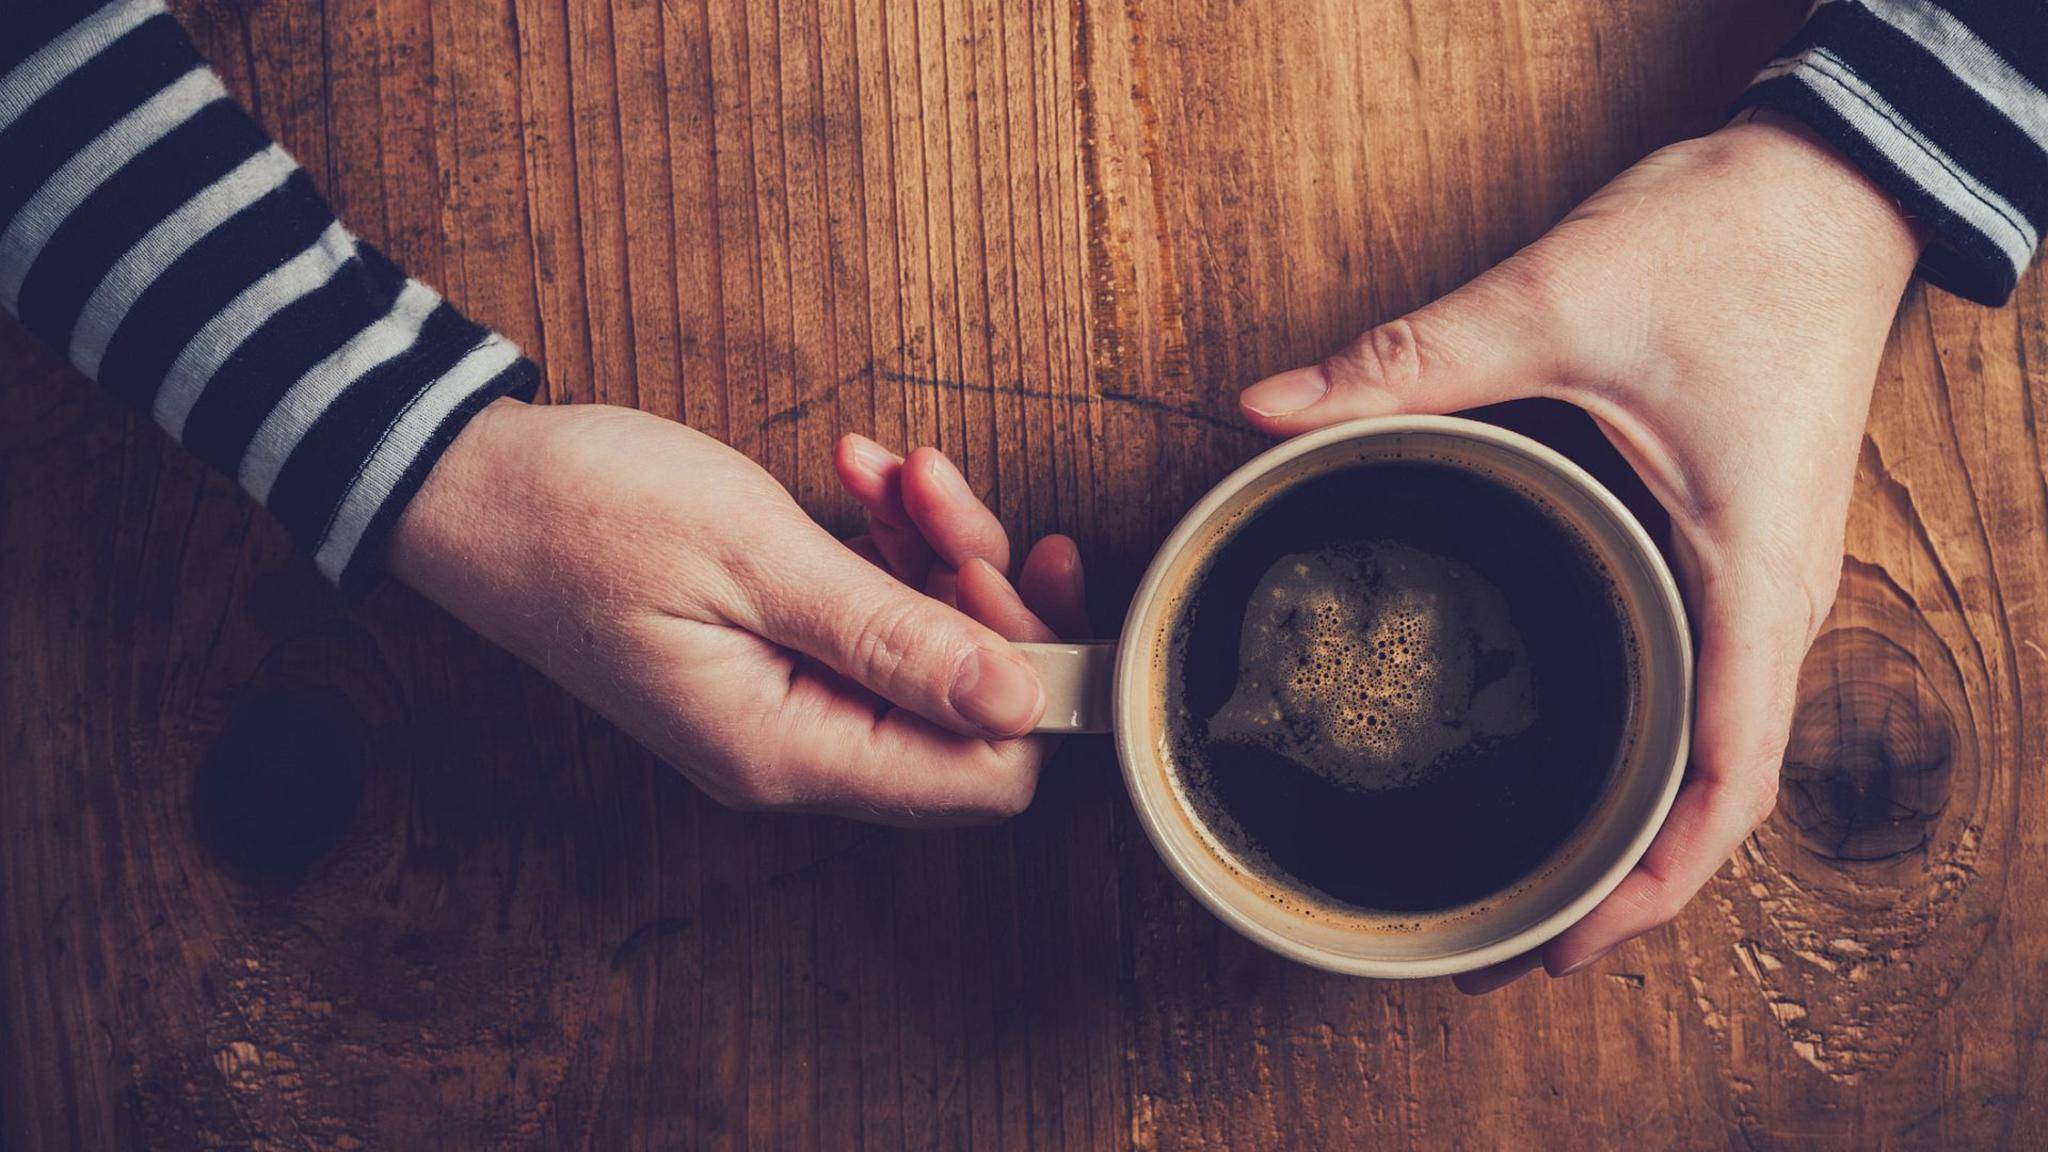 Über die gesundheitliche Wirkung von Kaffee wird seit jeher geforscht.